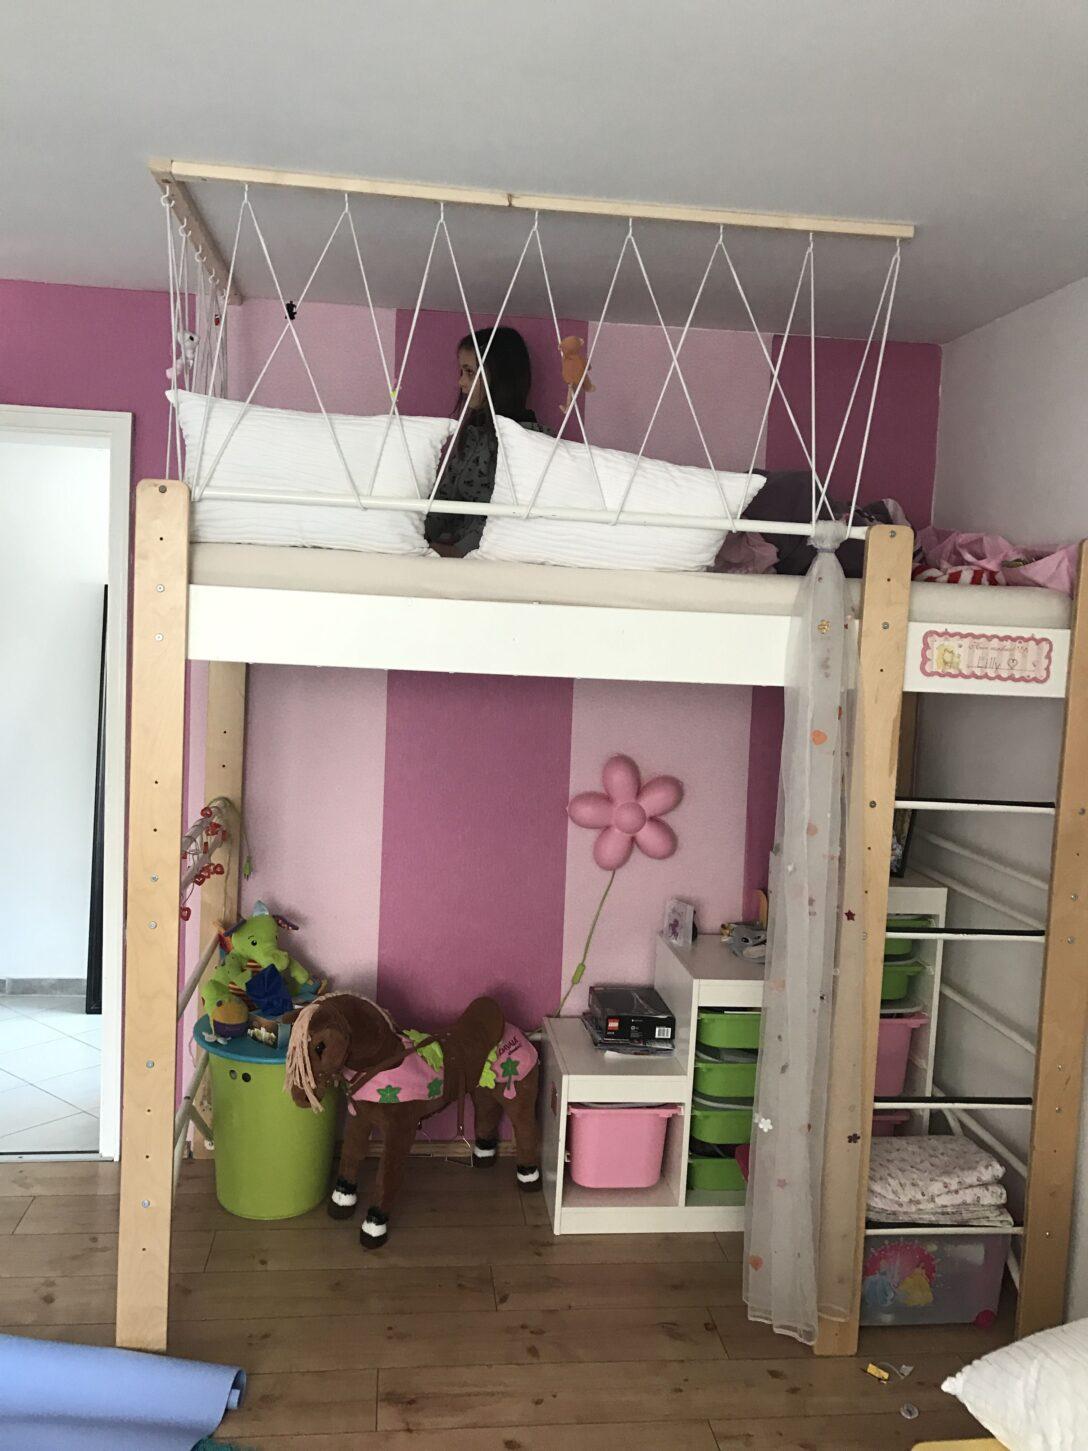 Large Size of Rausfallschutz Selbst Gemacht Frs Hochbett Bett Kinderzimmer Küche Zusammenstellen Wohnzimmer Rausfallschutz Selbst Gemacht